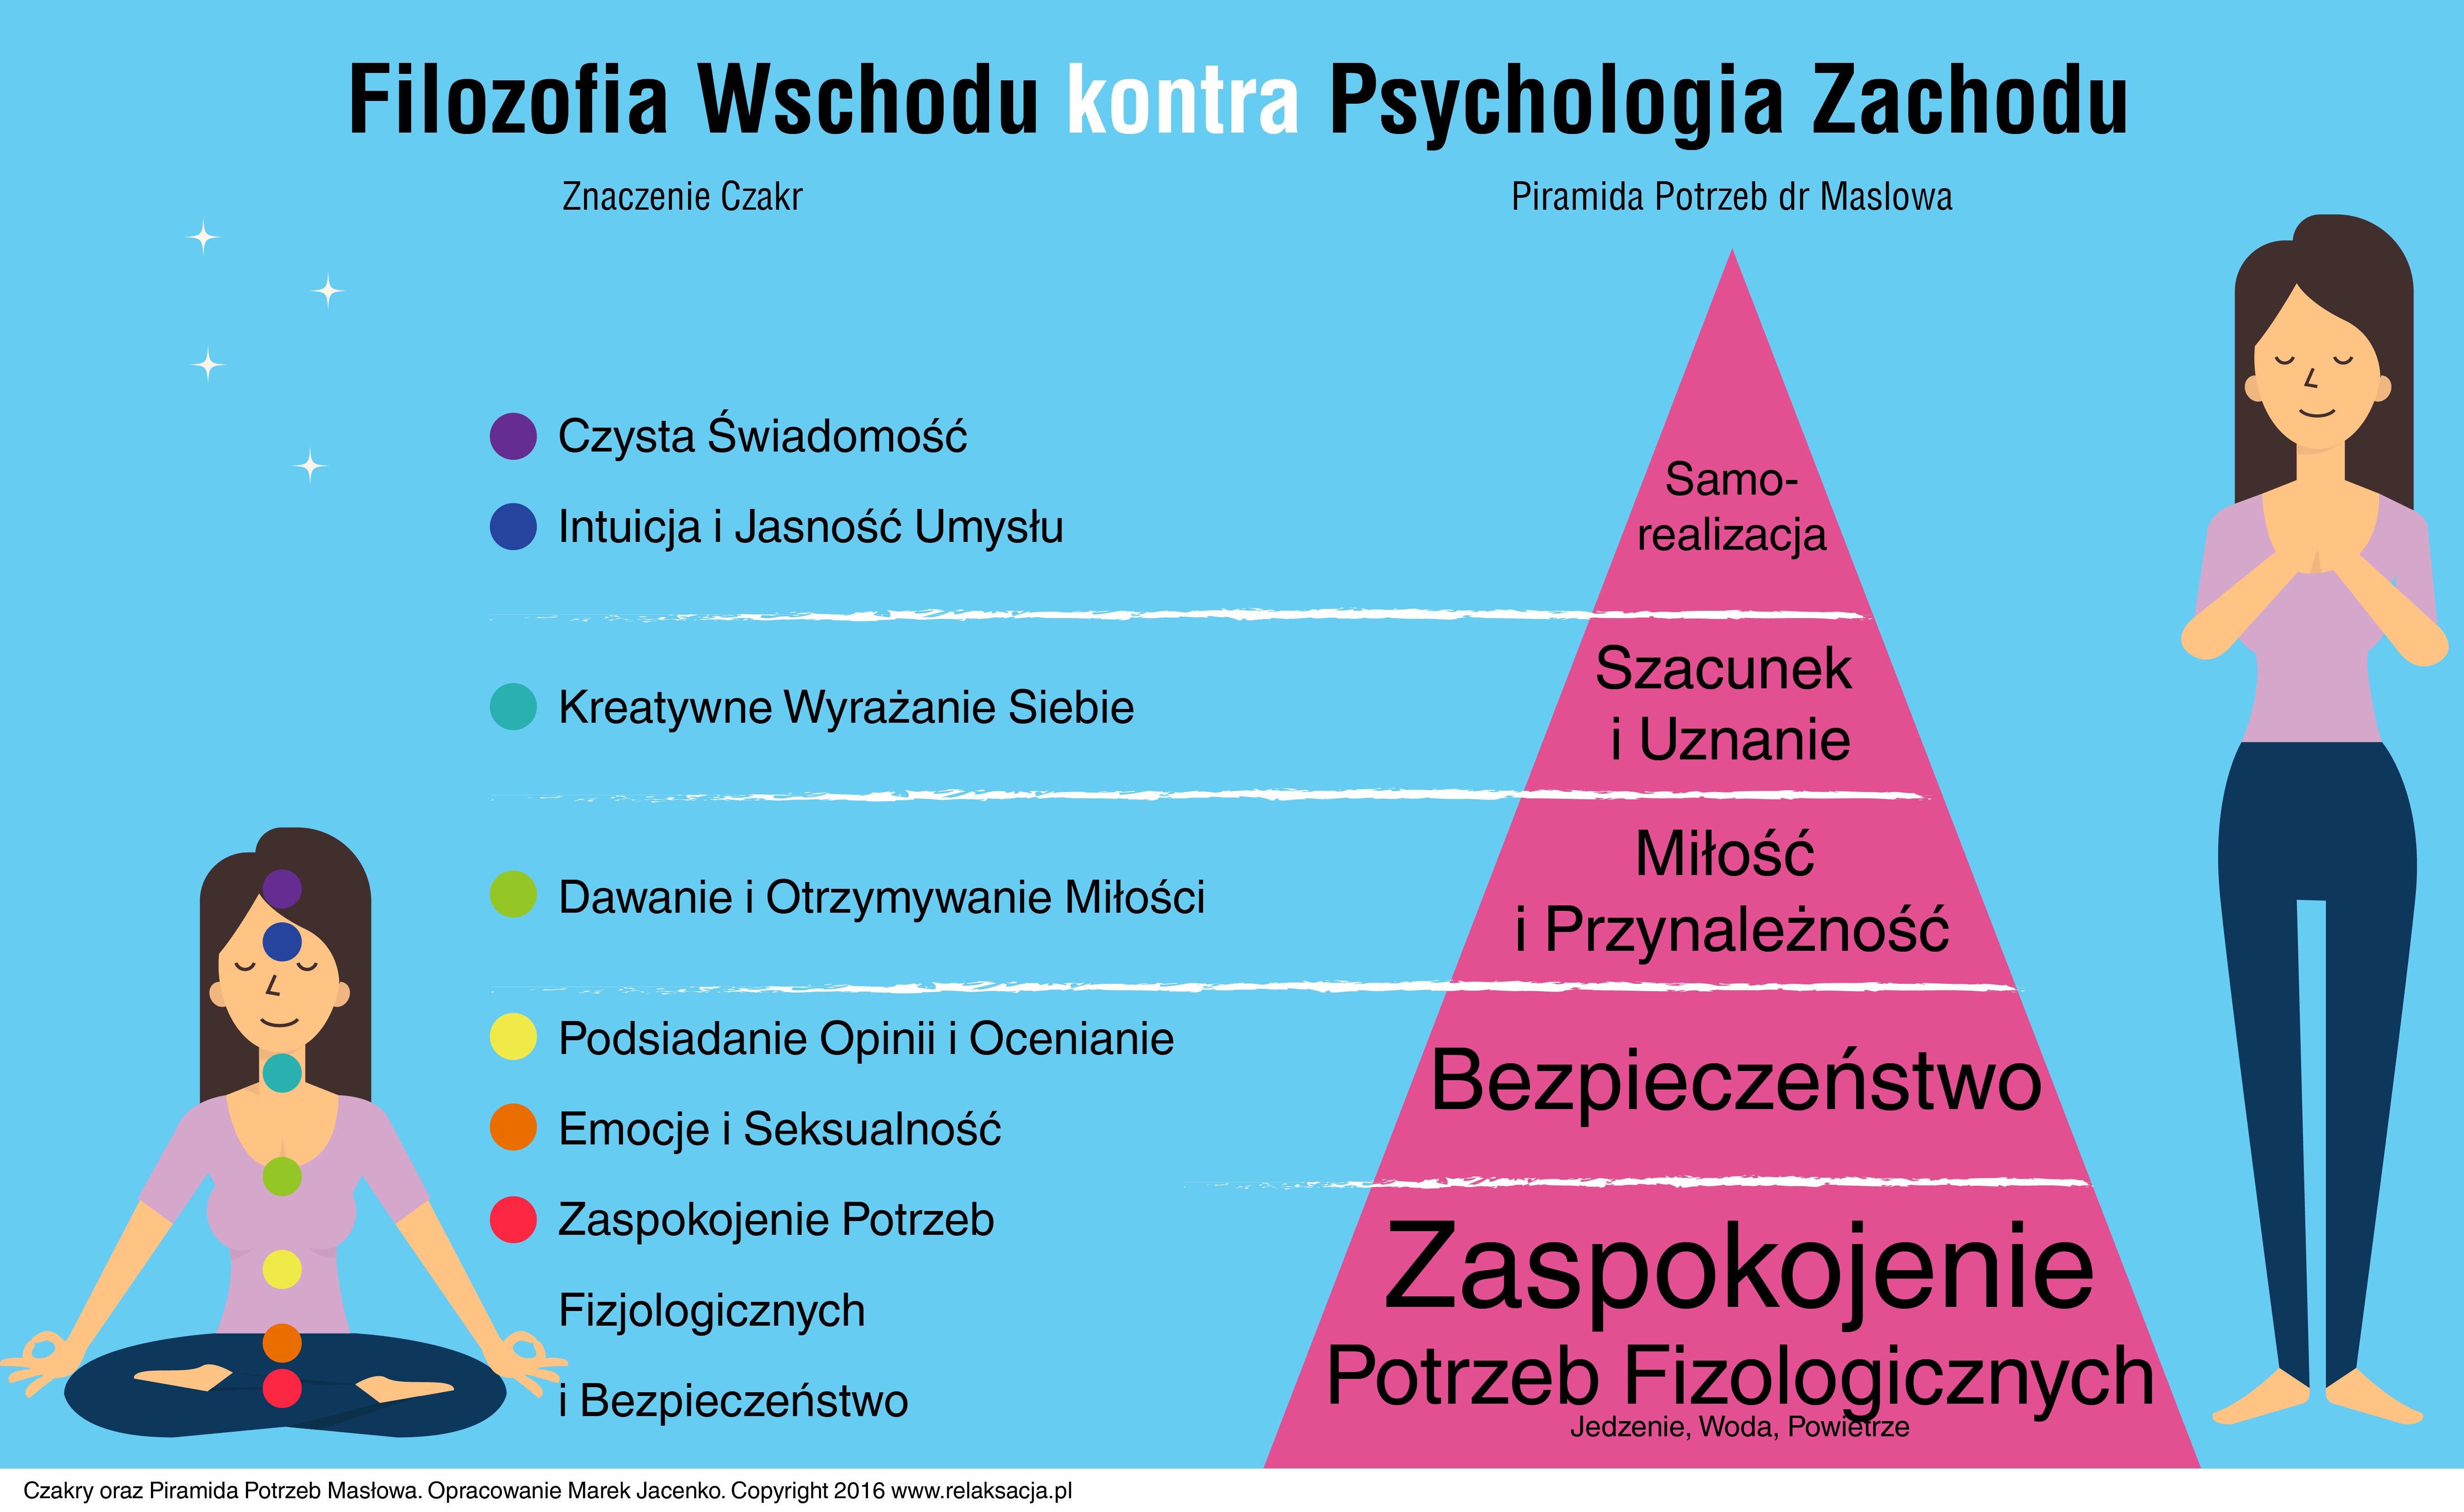 Czakry kontra Piramida Potrzeb Masłowa